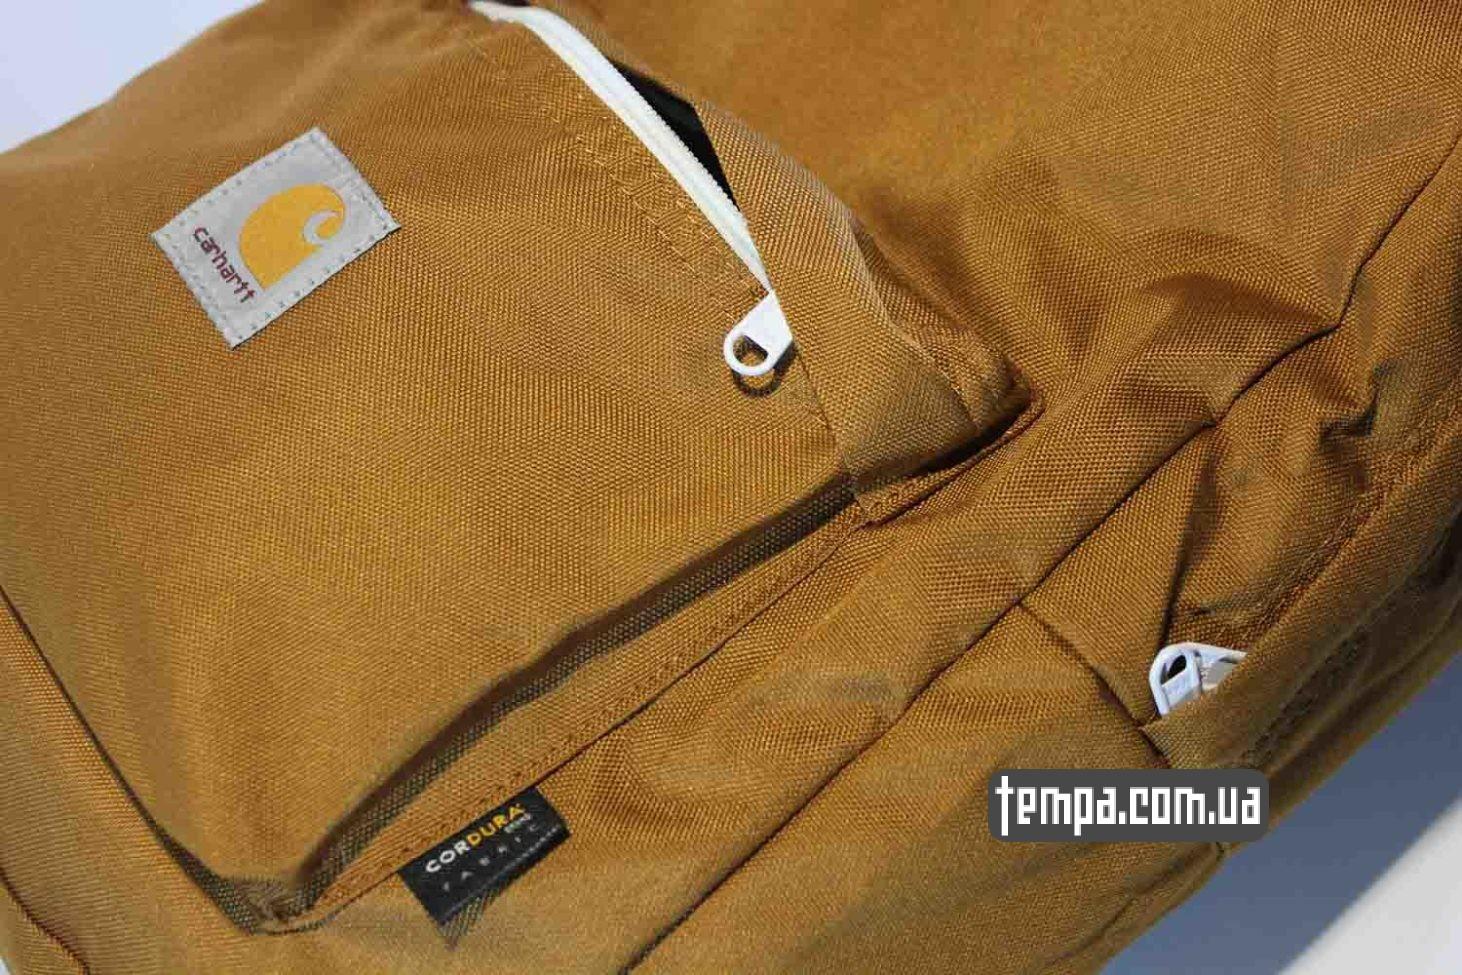 киев одесса магазин рюкзак Carhartt коричневый купить оригинал bagpack кархартт